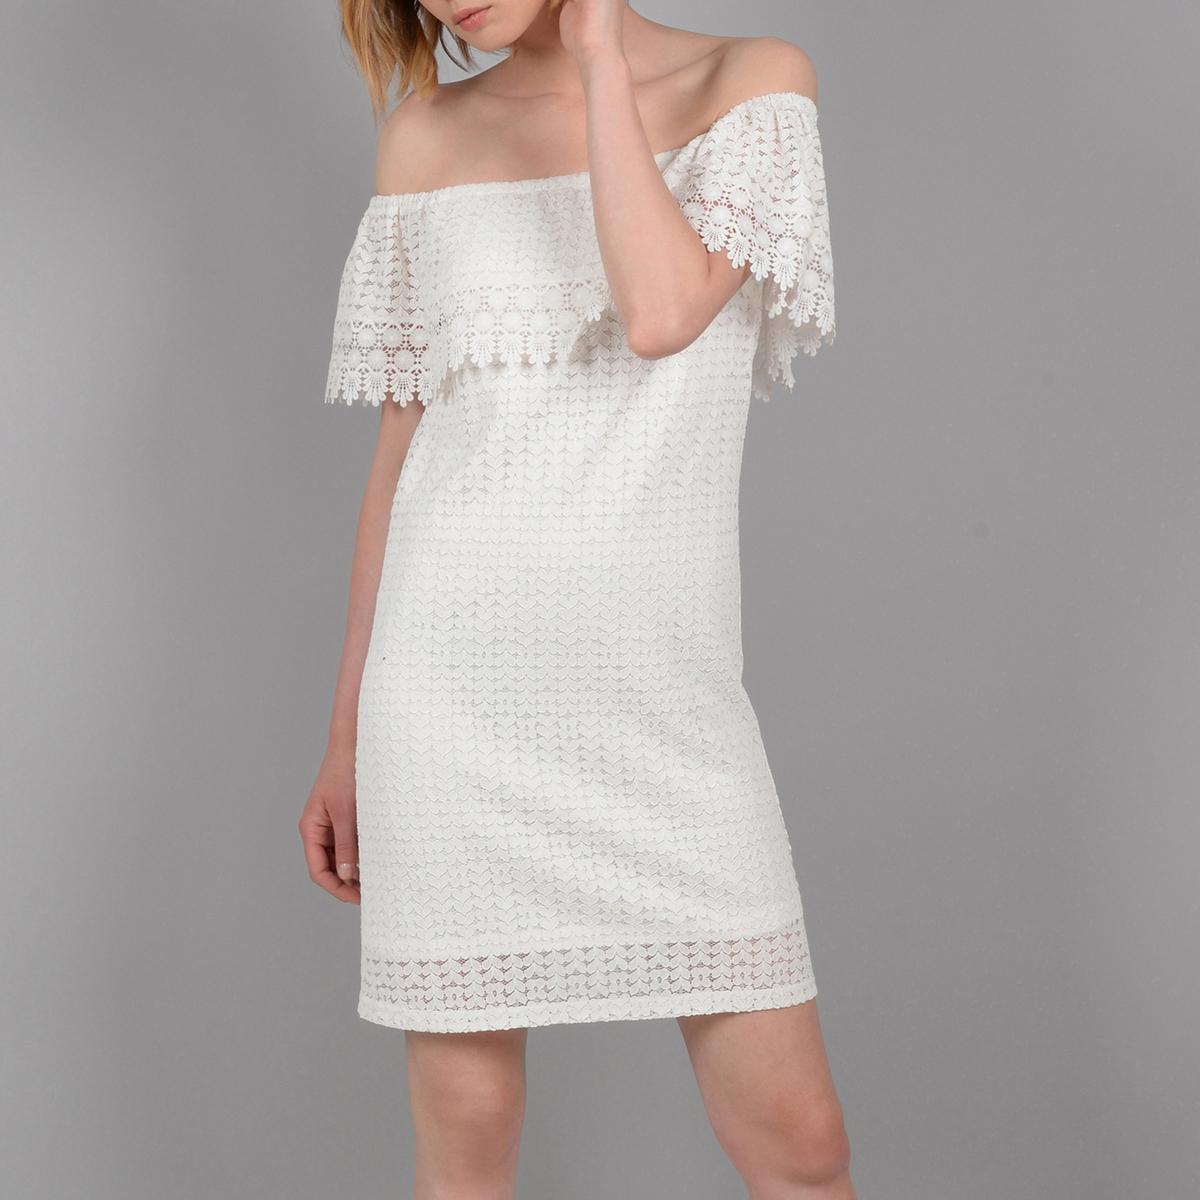 Платье-футляр La Redoute Из кружева с открытыми плечами M белый платье la redoute облегающее с открытыми плечами из тонкого трикотажа xs черный